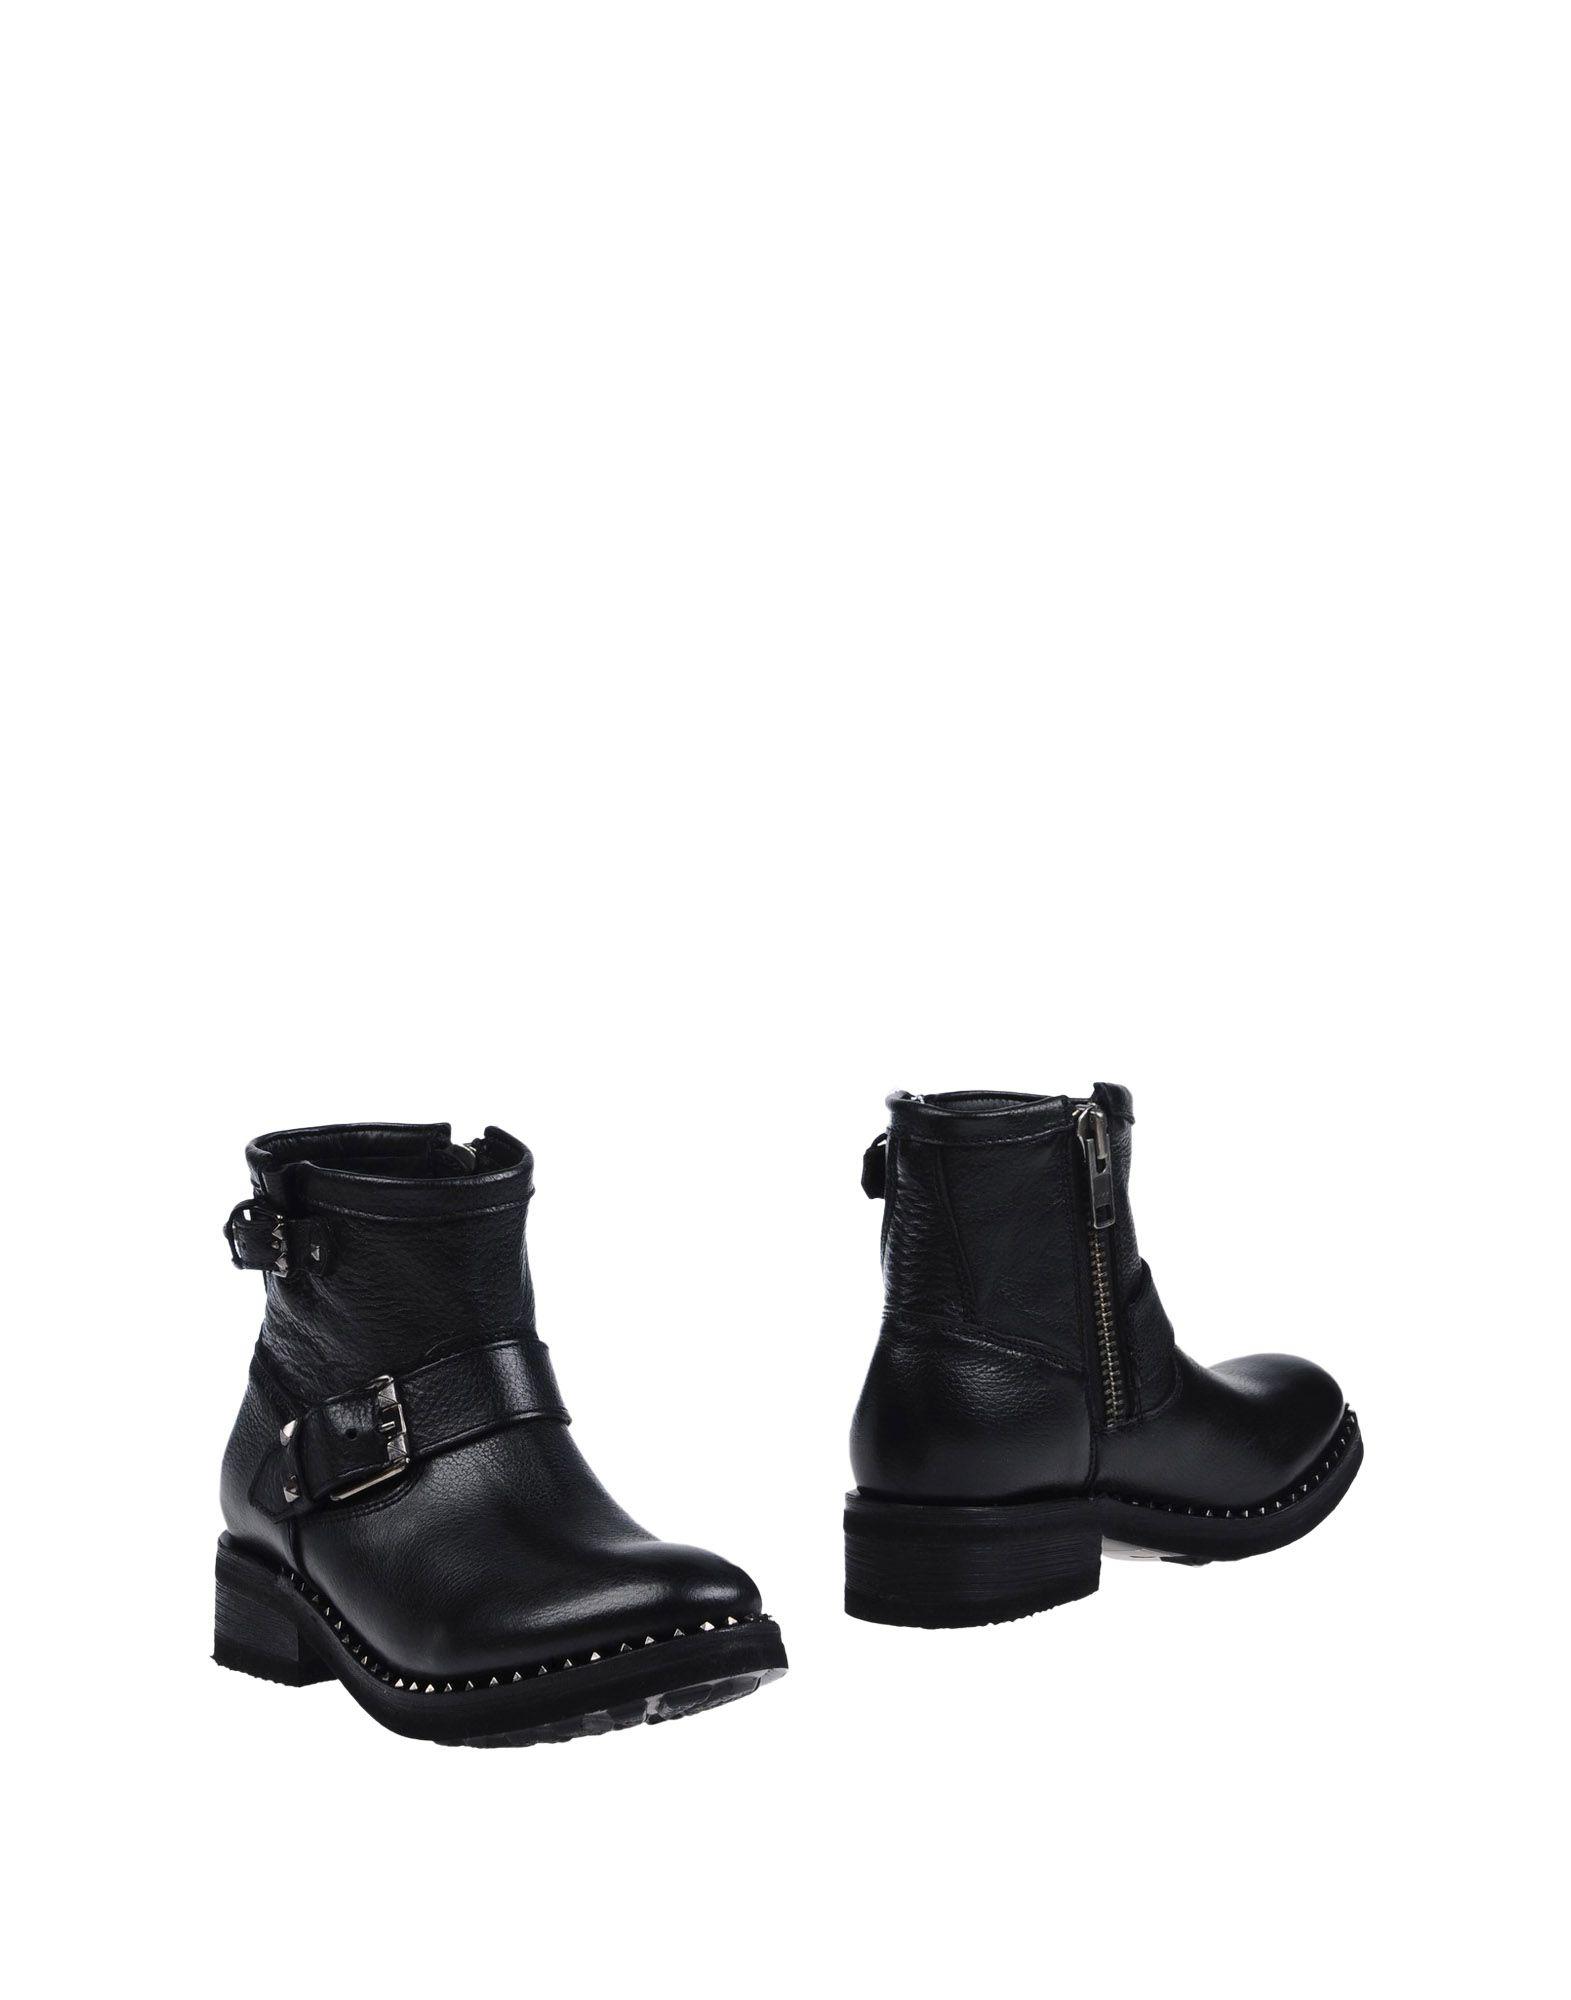 Ash Stiefelette Damen  11247891PUGut aussehende strapazierfähige Schuhe